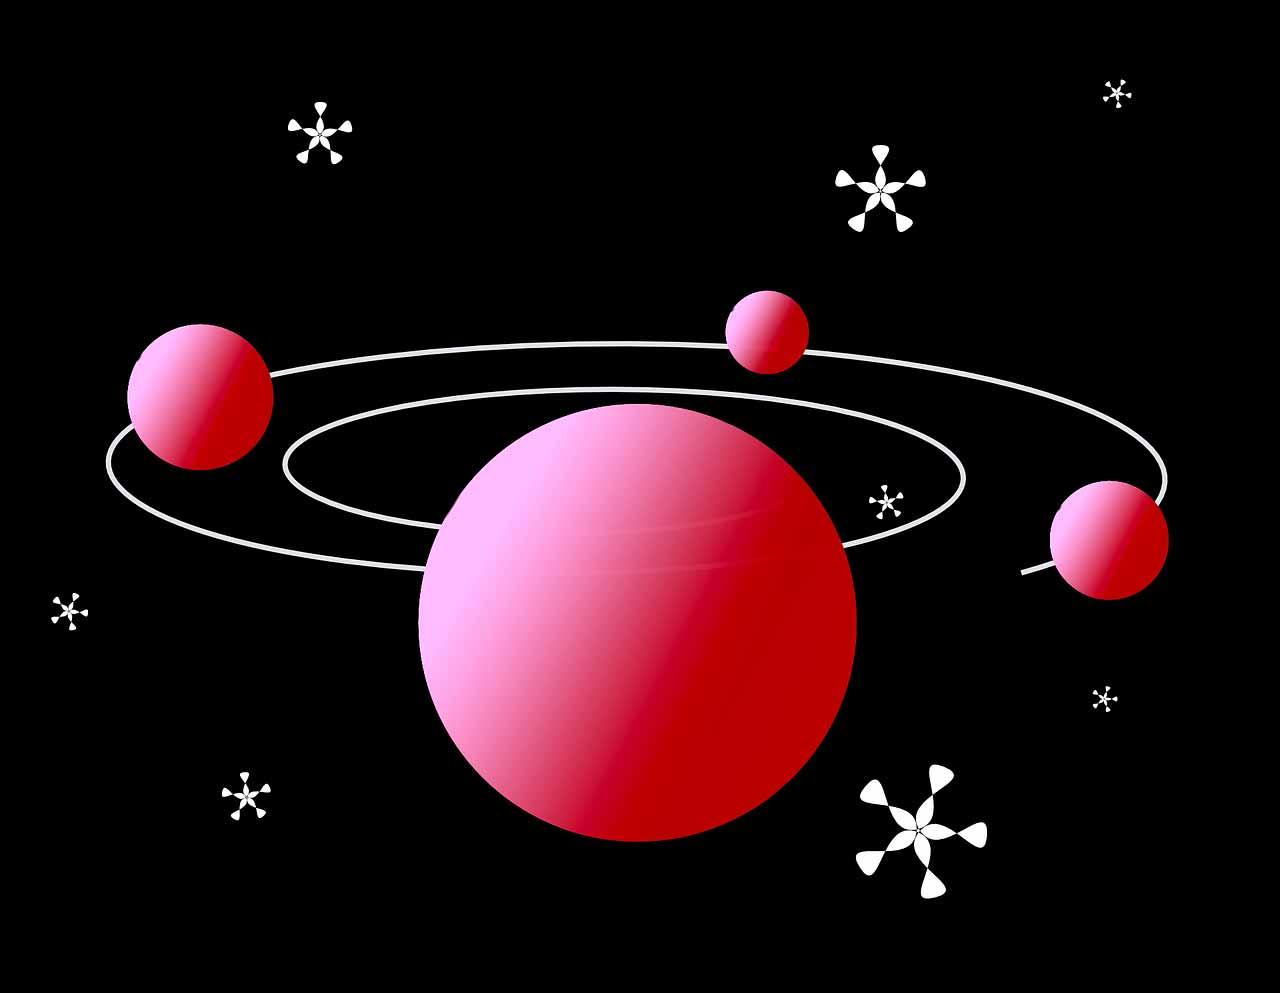 Une illustration représentant le système solaire